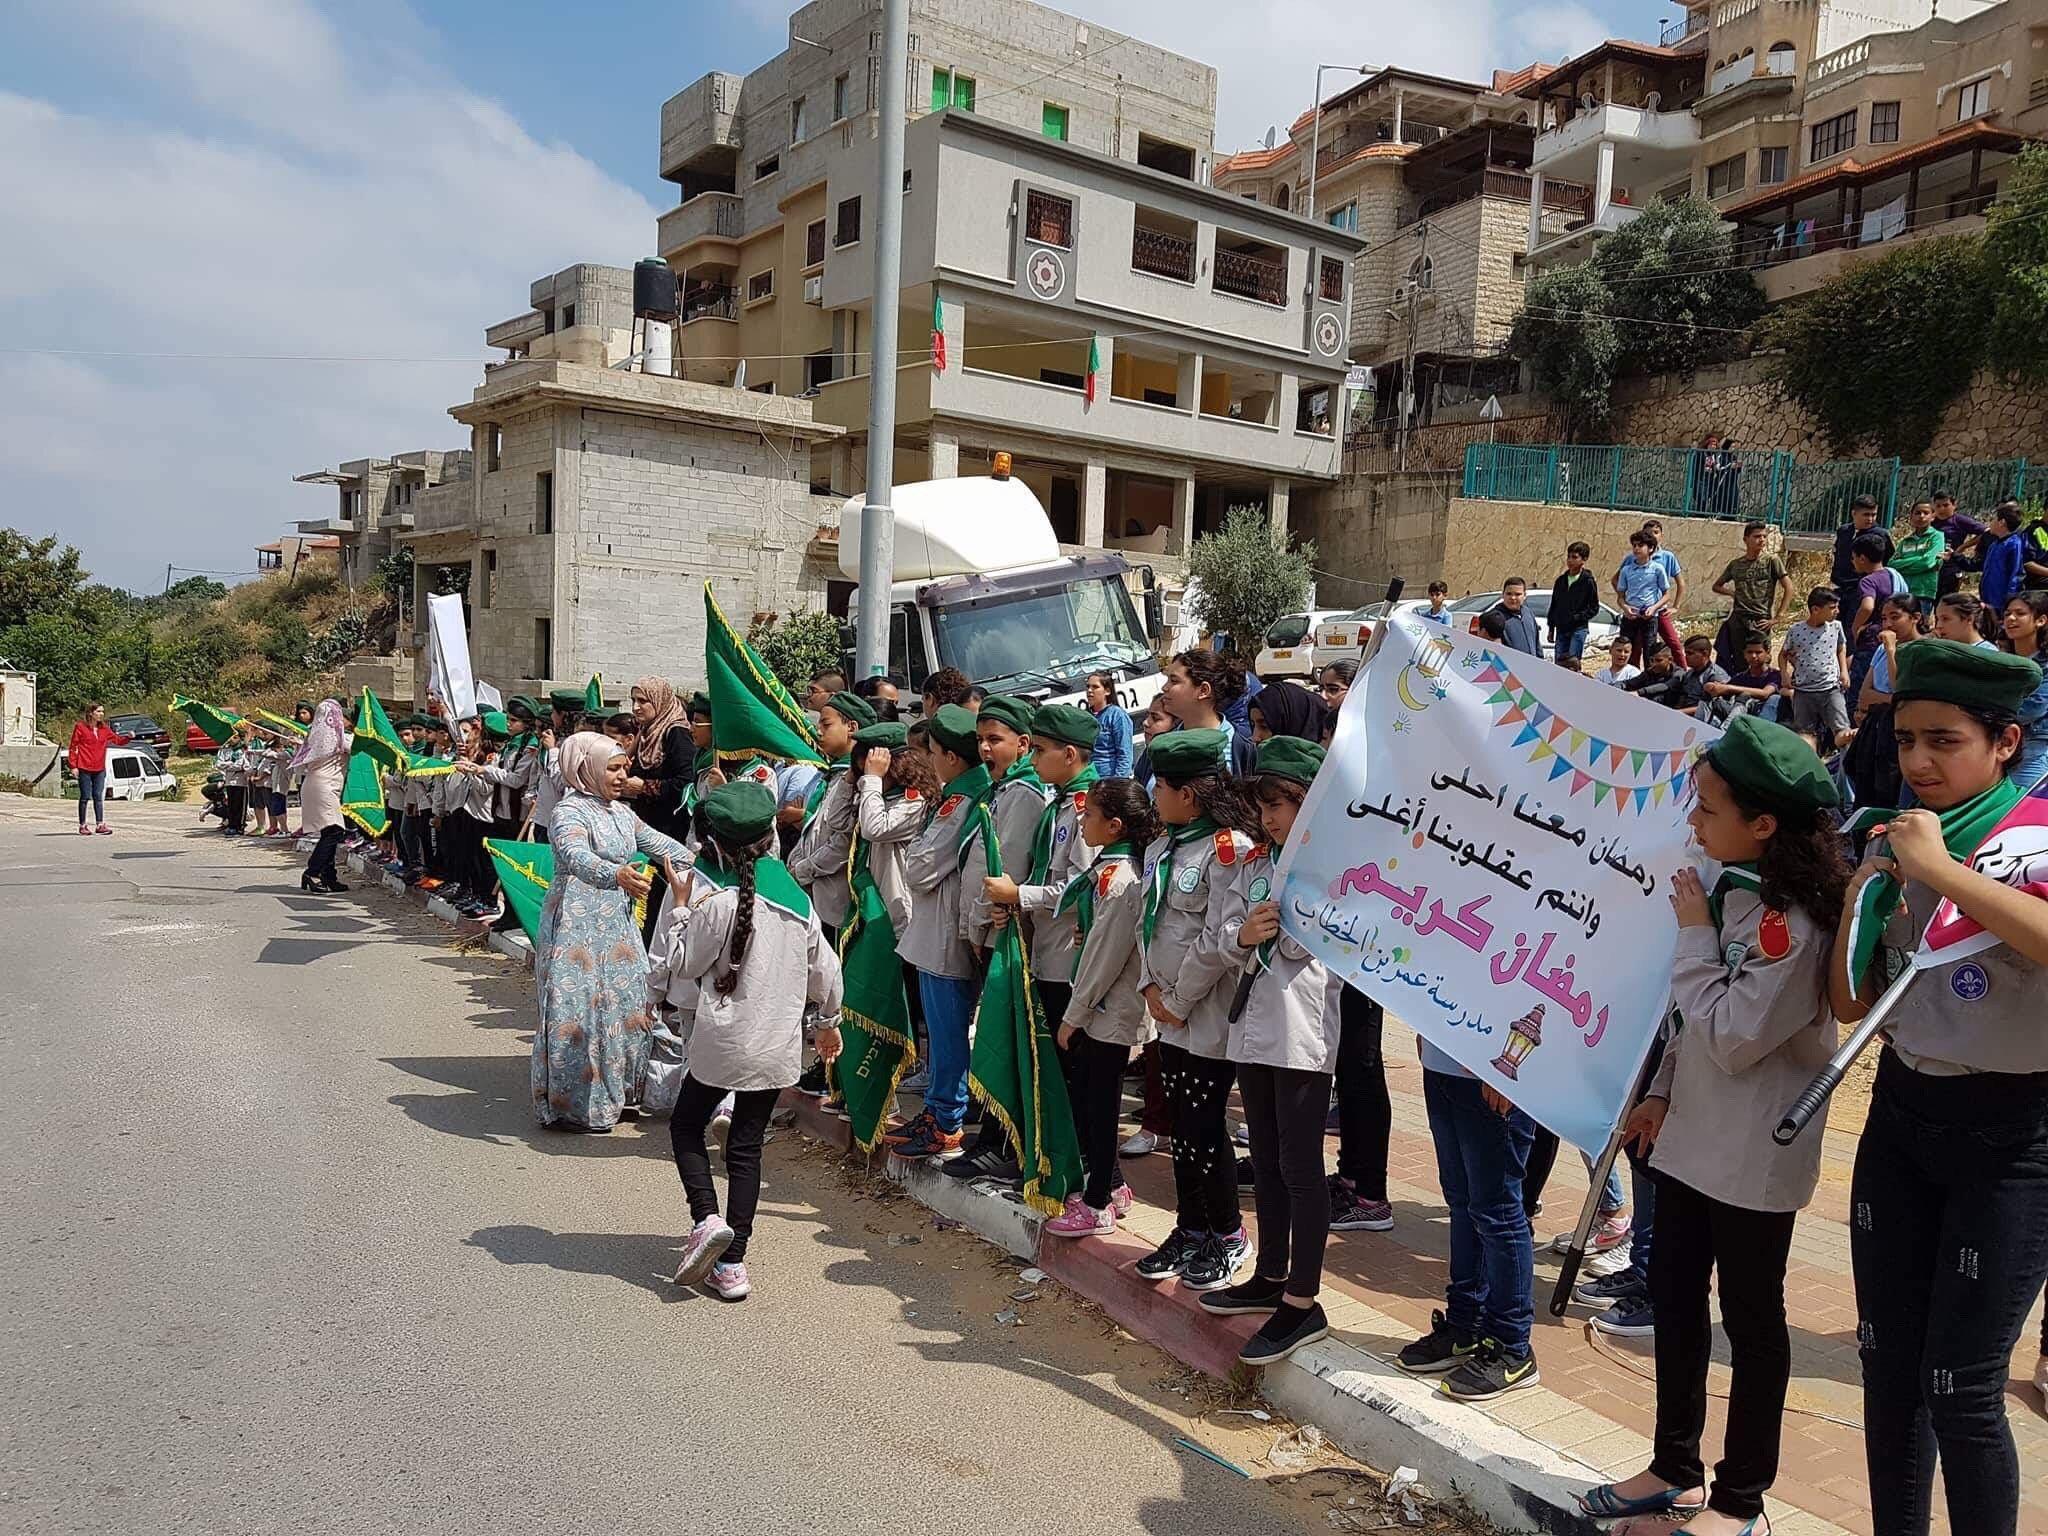 ام الفحم: طلبة مدرسة عمر بن الخطاب يستقبلون رمضان بمسيرة